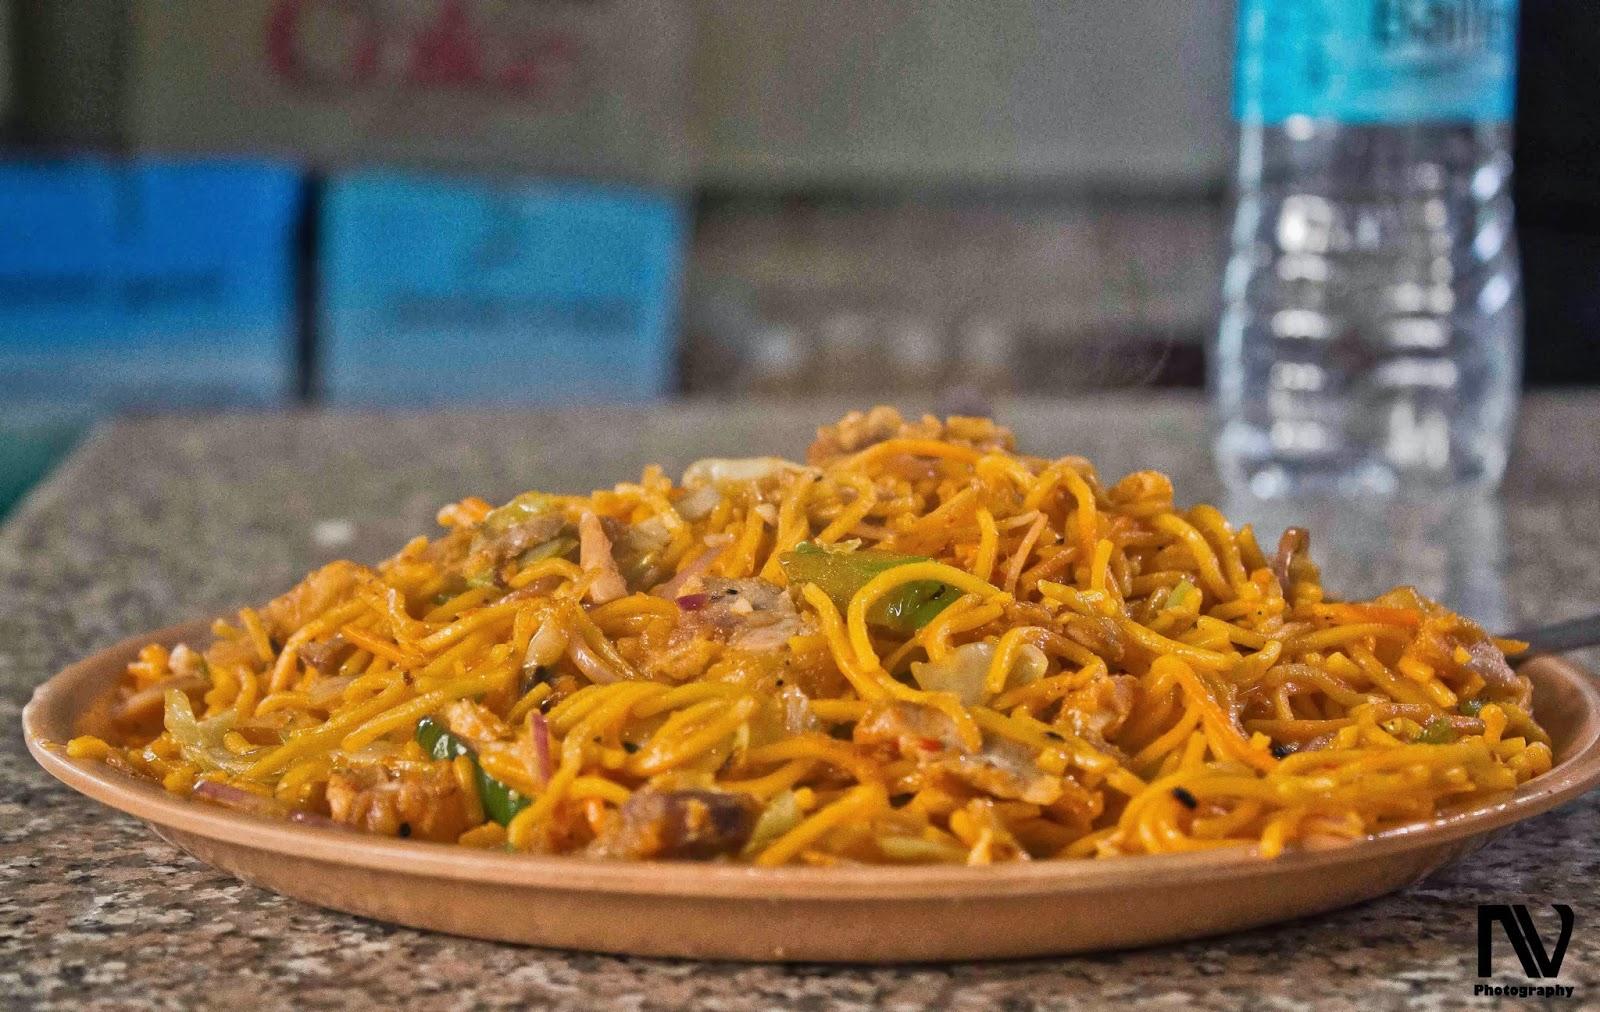 Sikkimese Chicken Noodles